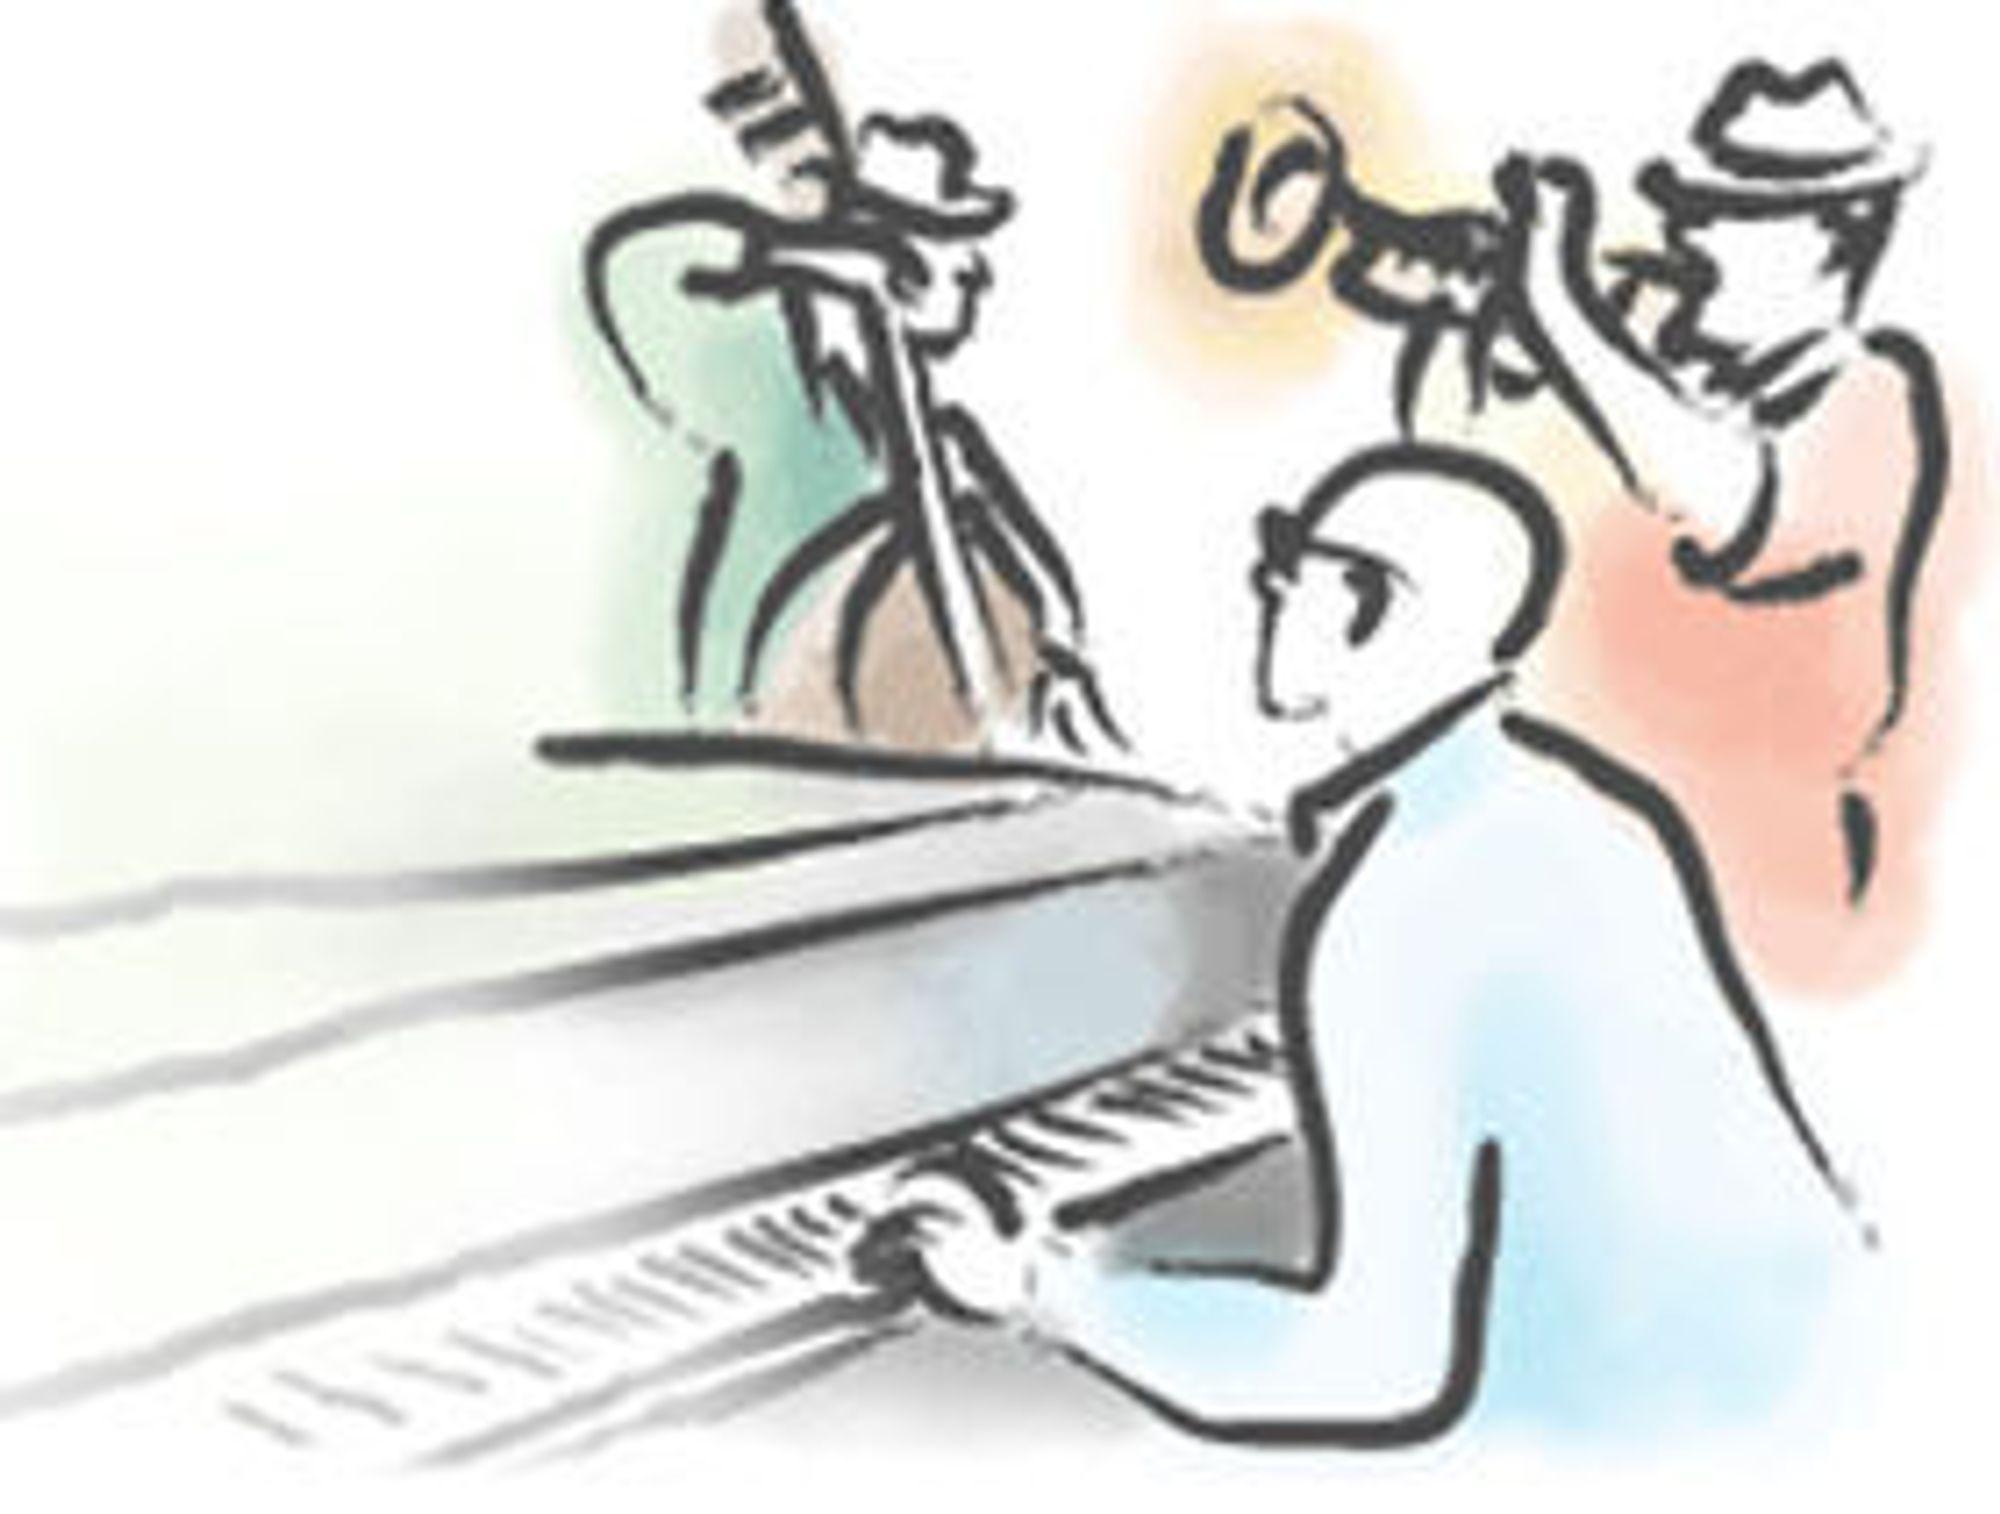 Rational mener utviklere må få muligheter til å spille bedre på lag. Det er hele poenget med den nye plattformen Jazz.